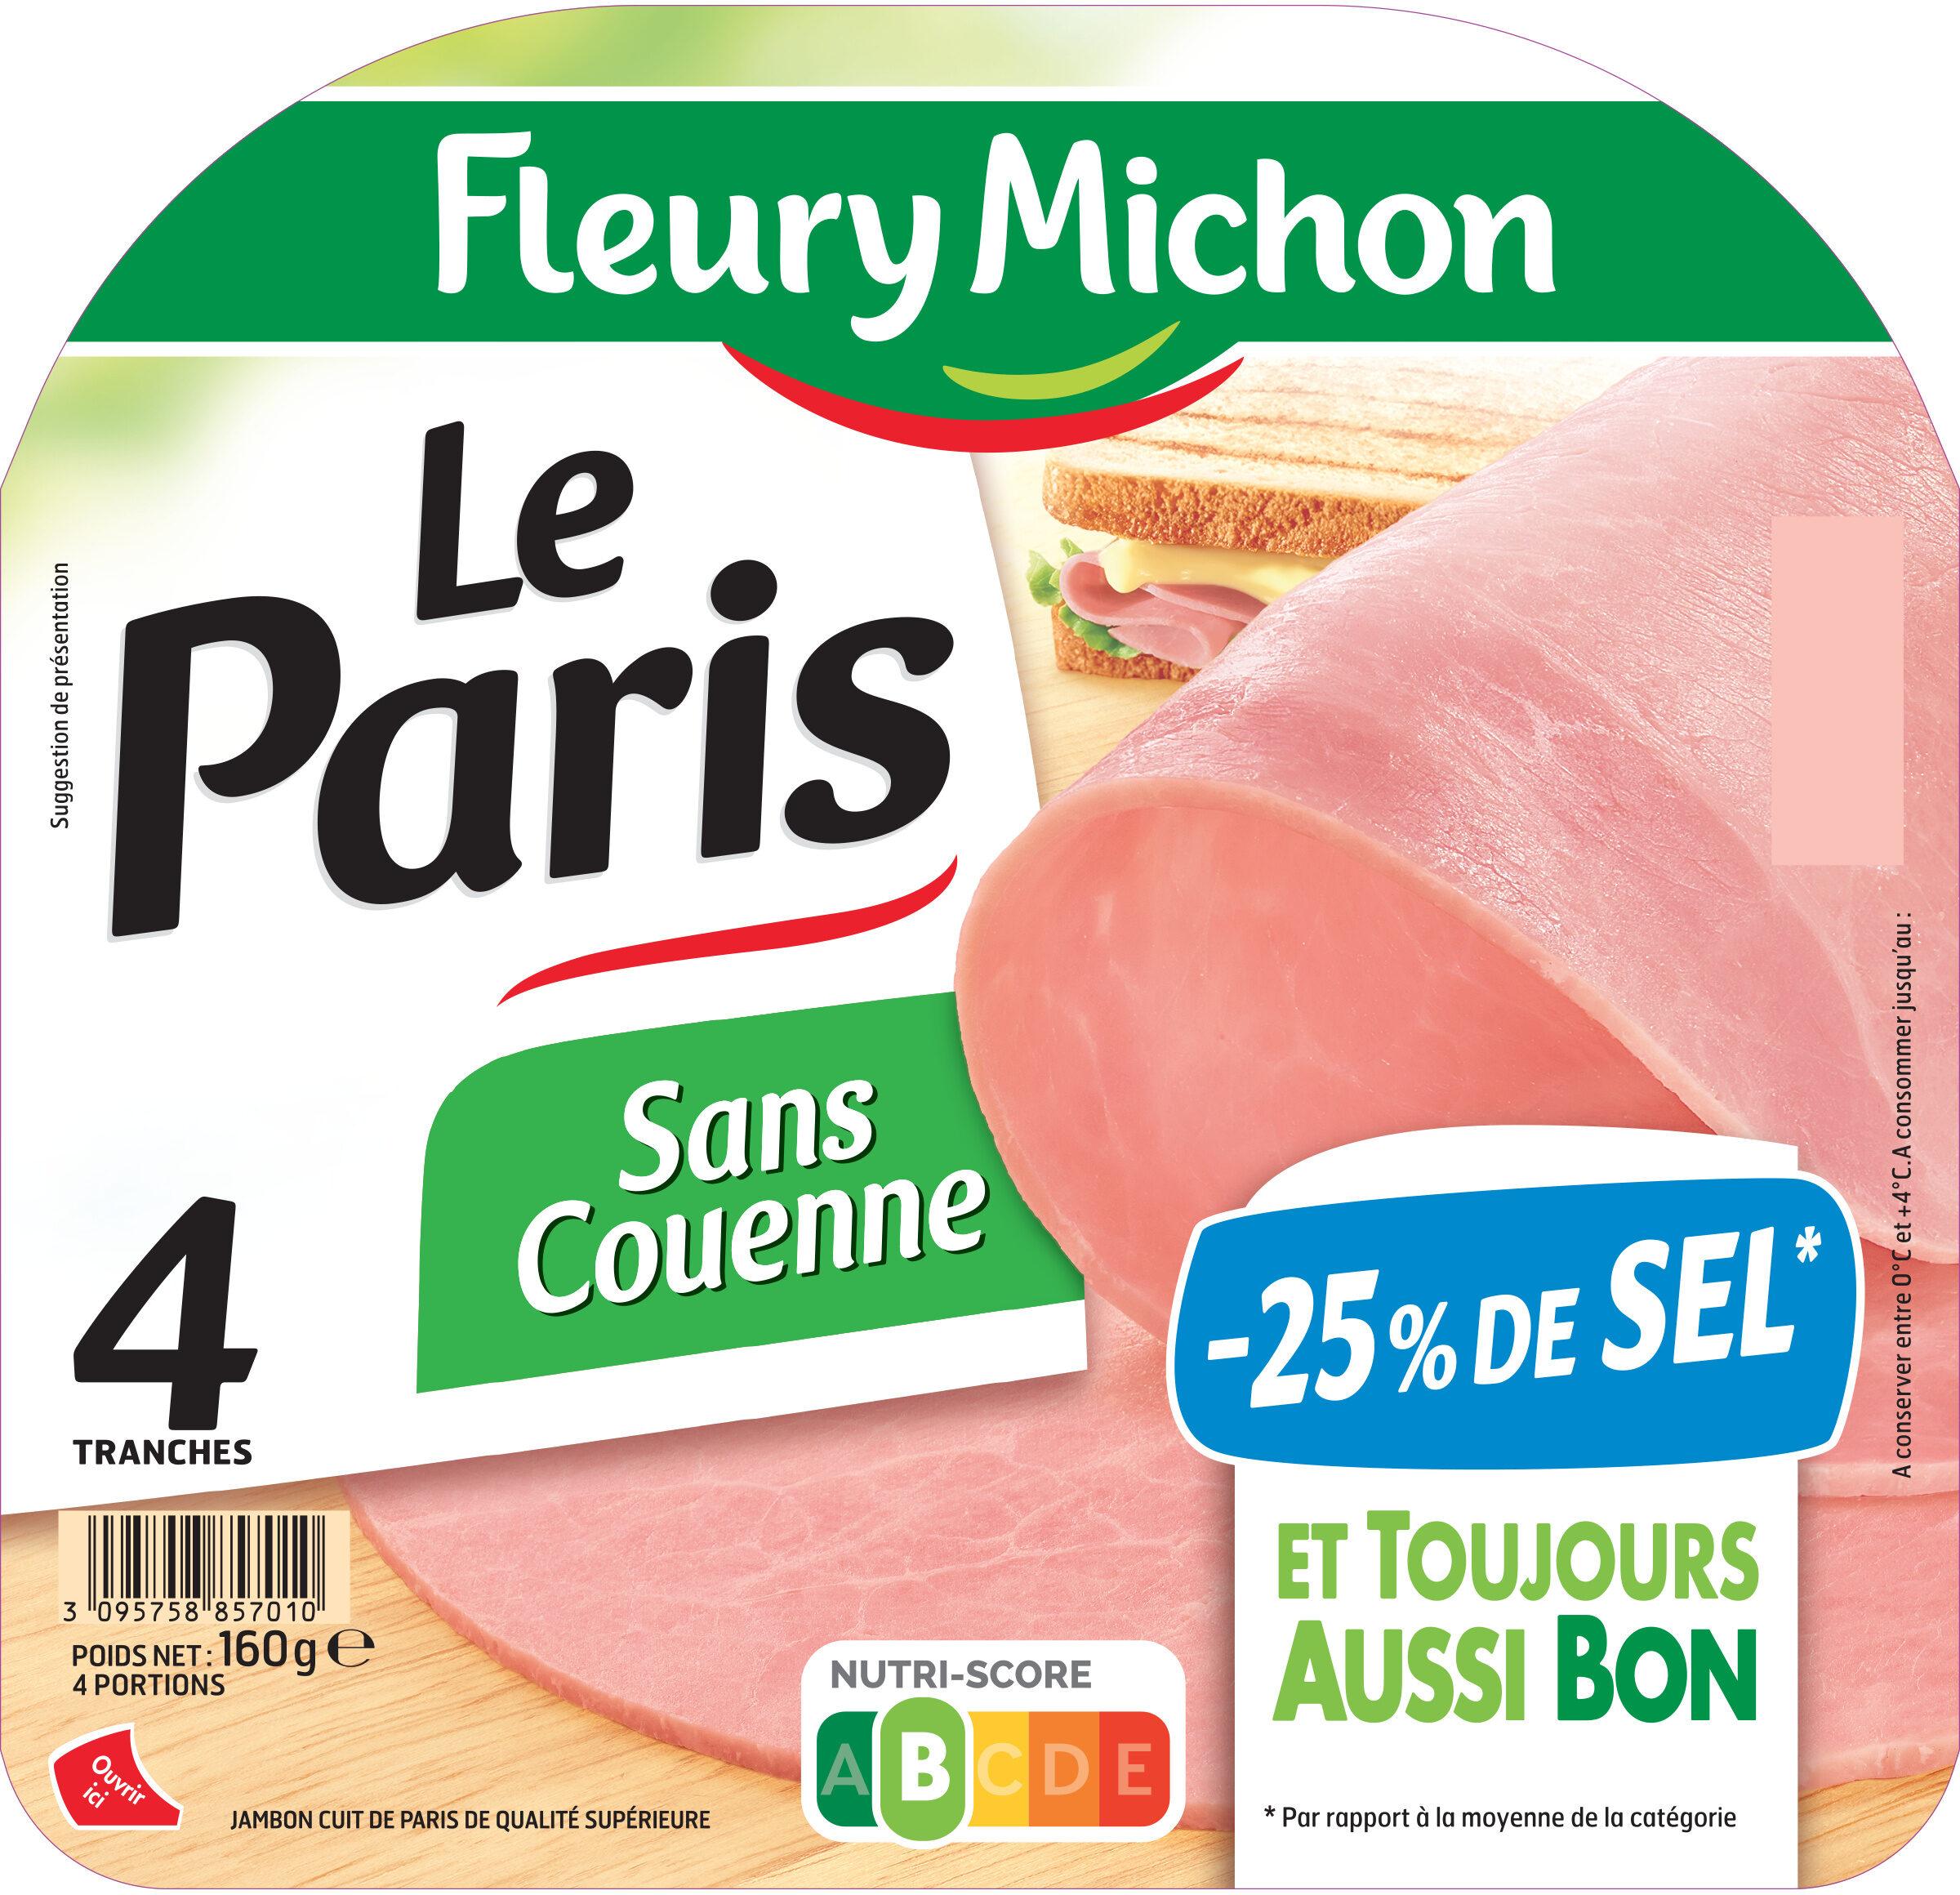 Le Paris sans couenne - 25% de Sel*- 4tr - Product